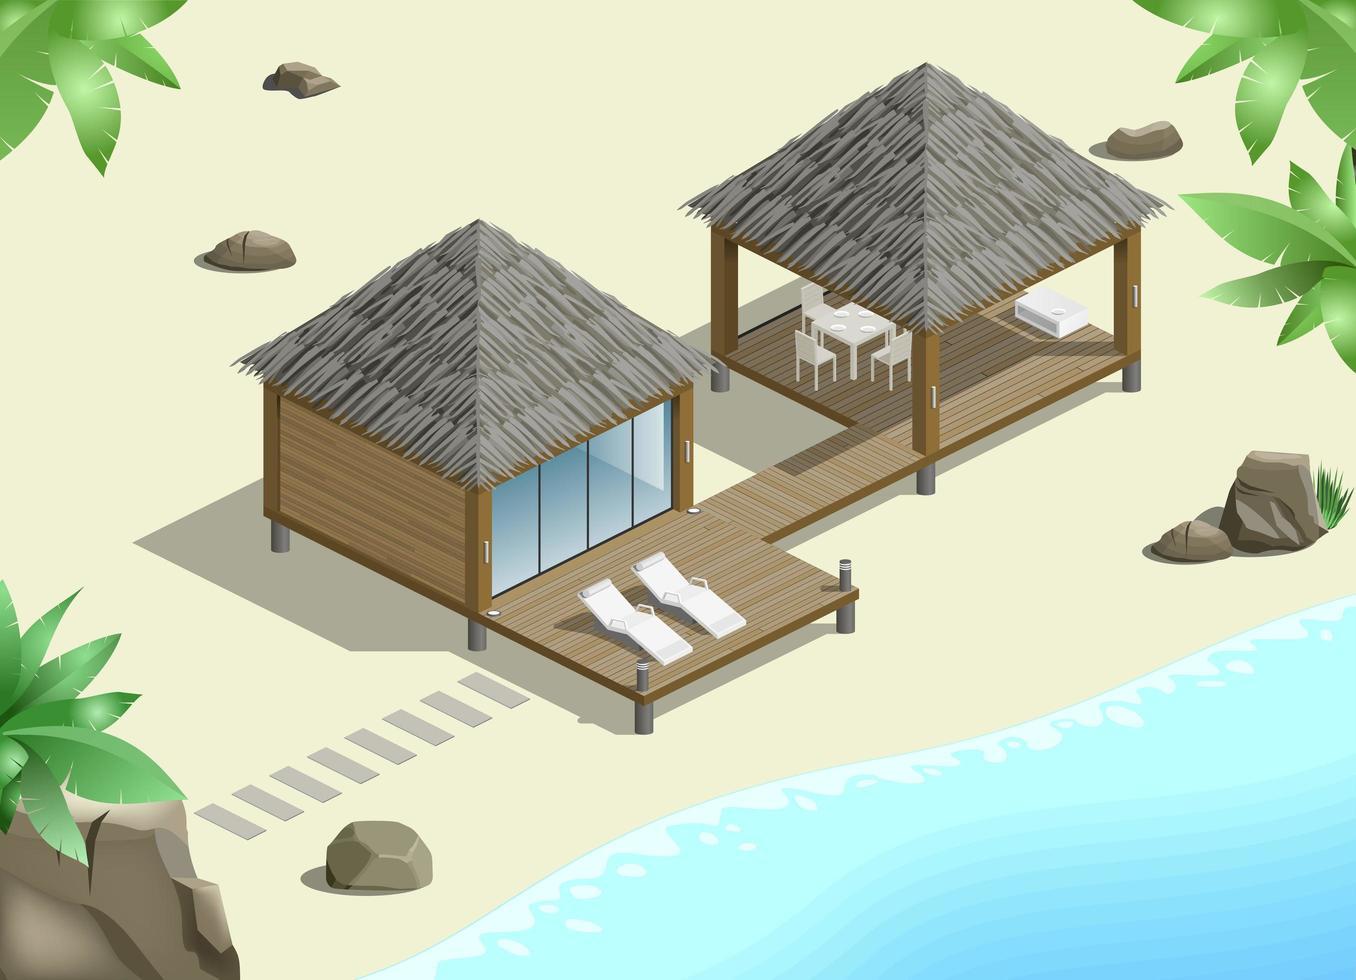 bungalow med havsutsikt vektor